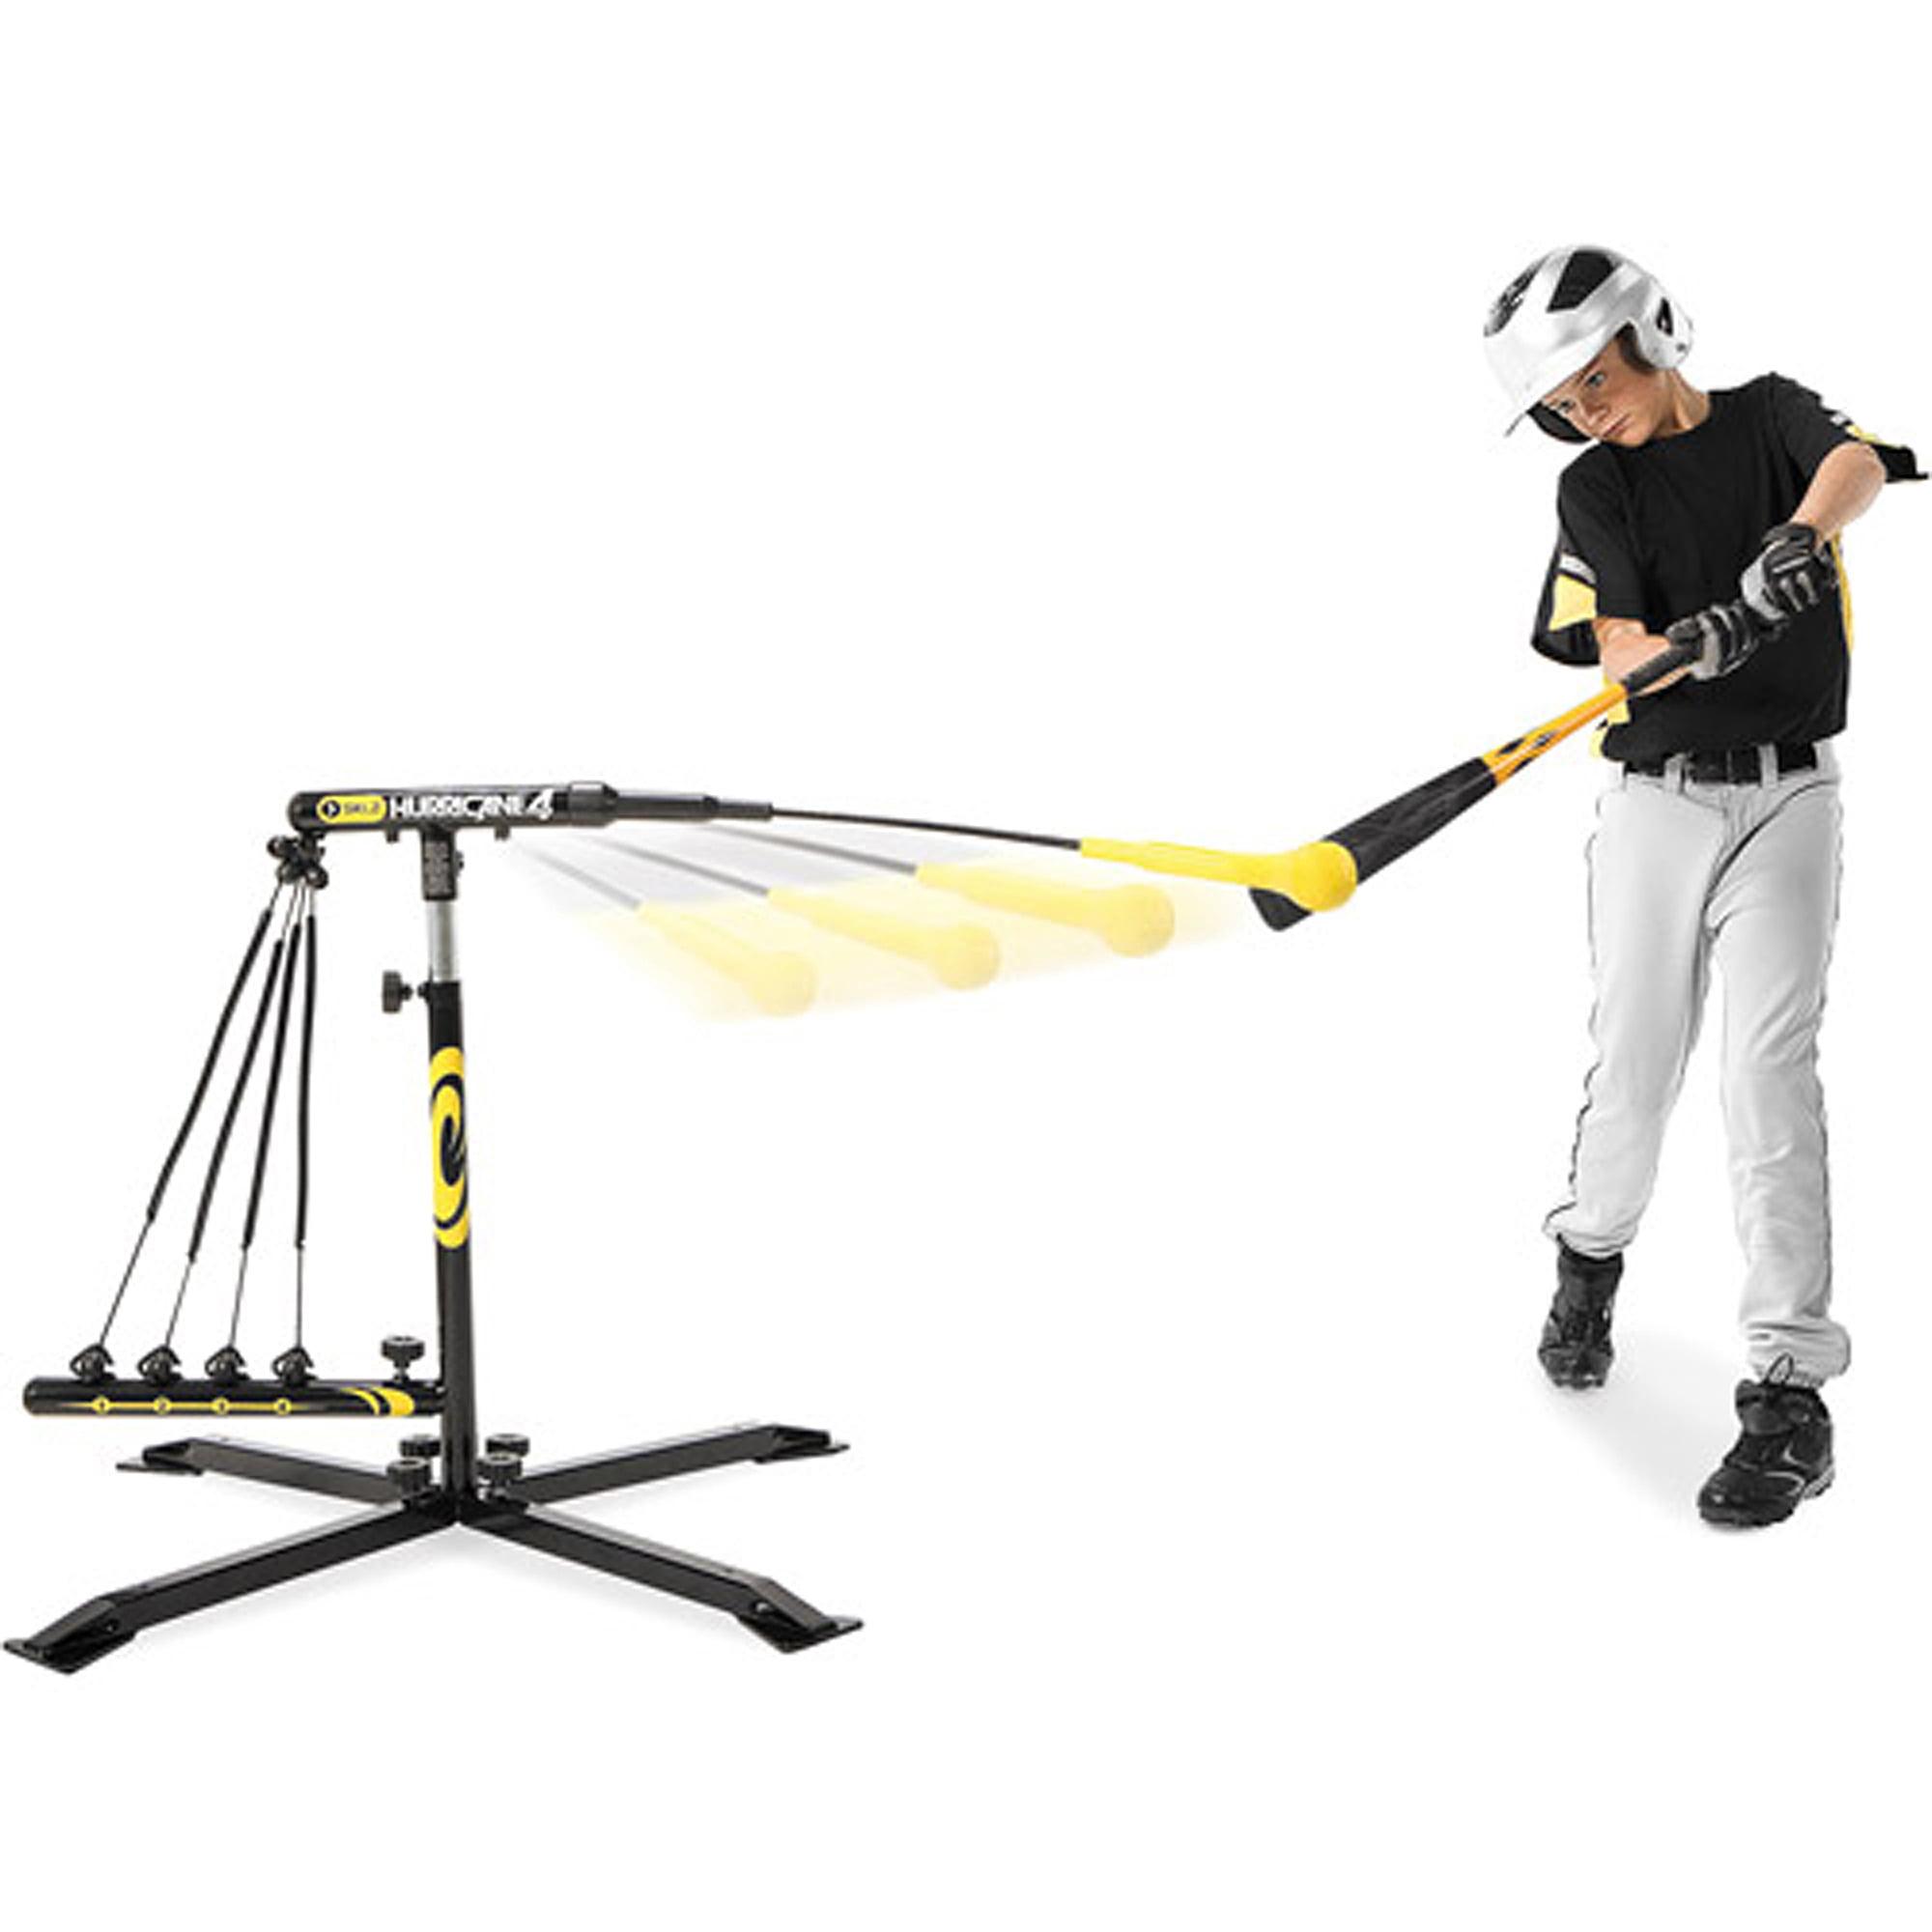 SKLZ Hurricane Category 4 - Solo Baseball Swing Trainer